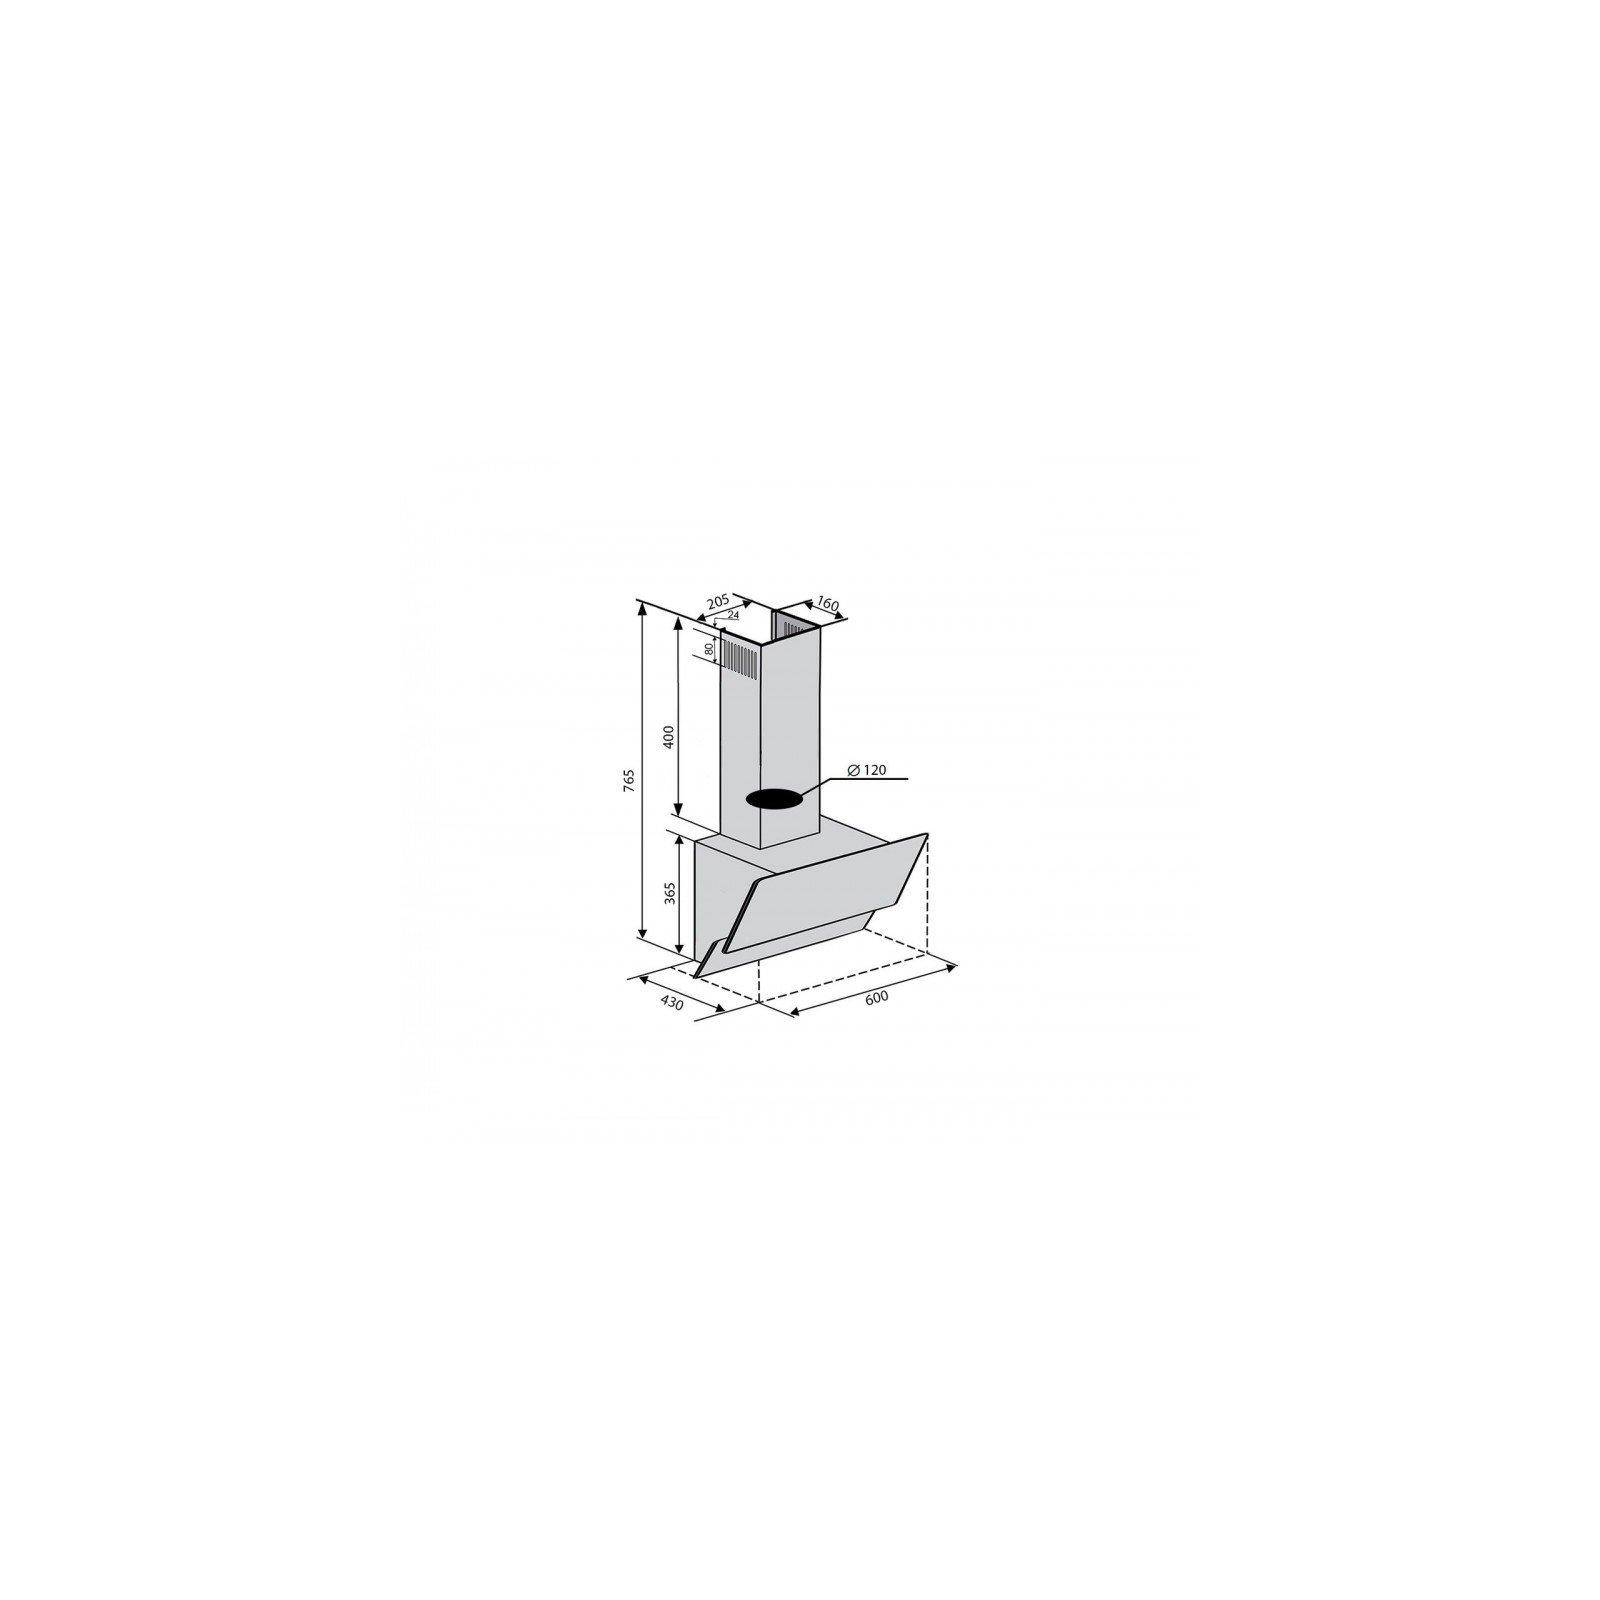 Вытяжка кухонная Ventolux ROMANIA 60 WH (750) PB изображение 6